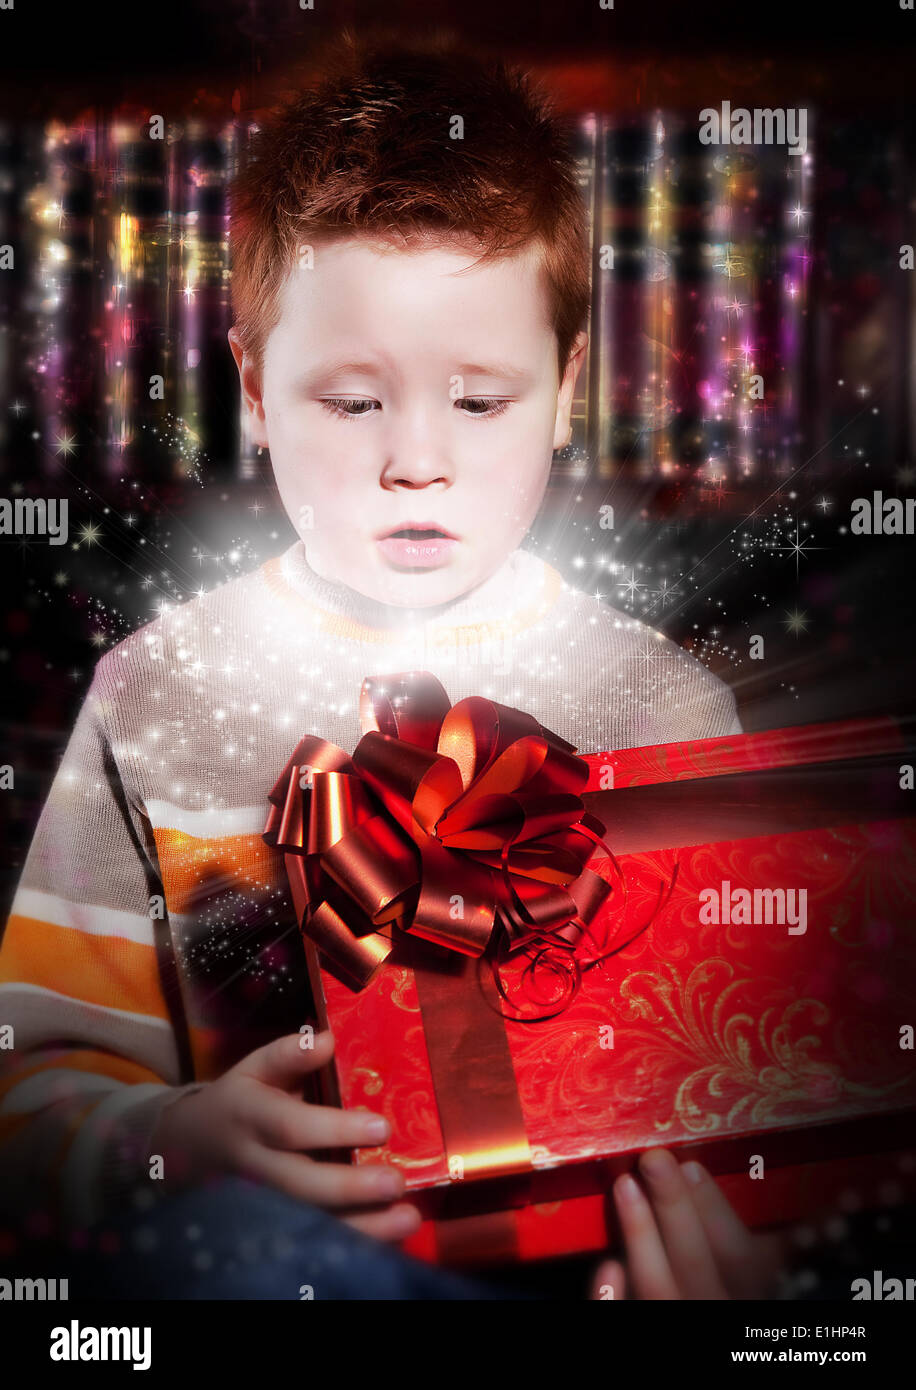 Cumpleaños - adorable poco emocionado cabello rojo niño mirando felizmente en cuadro rojo - regalo de Imagen De Stock